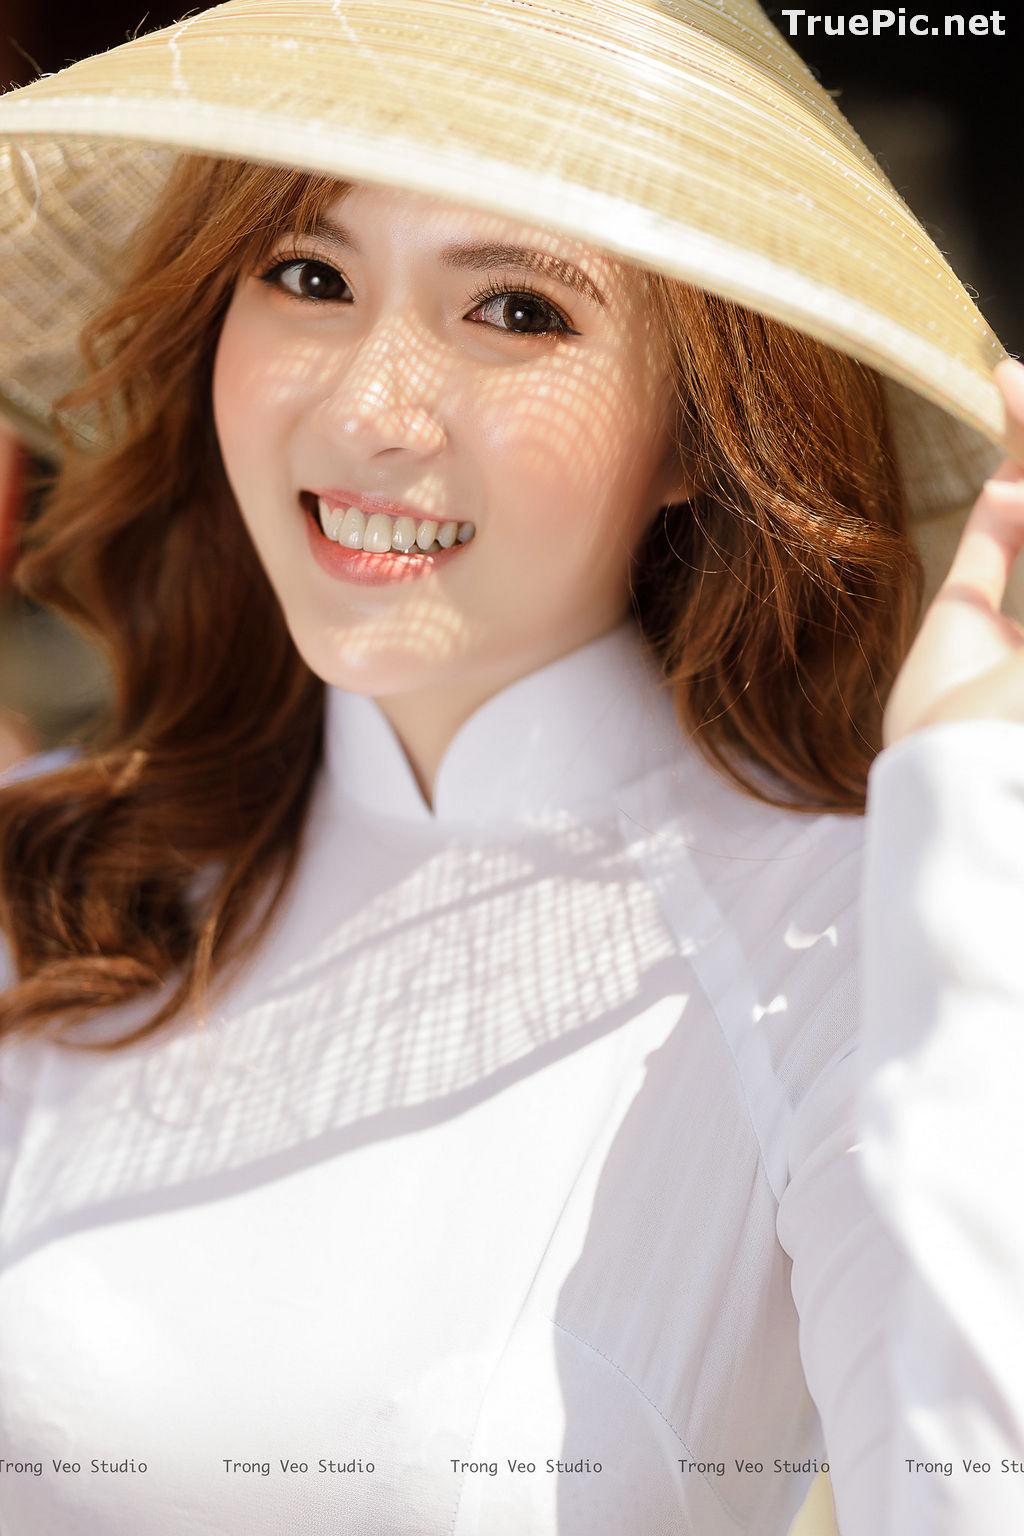 https://1.bp.blogspot.com/-6OfqCwGP6zk/Xyl4i4qvvaI/AAAAAAAA8tY/IDtQ9cjMjzkNZNs_ZhrbFeTixUe3NWhxwCLcBGAsYHQ/s1600/The-Beauty-of-Vietnamese-Girls-with-Traditional-Dress-Ao-Dai-4-TruePic.net%2B%252832%2529.jpg